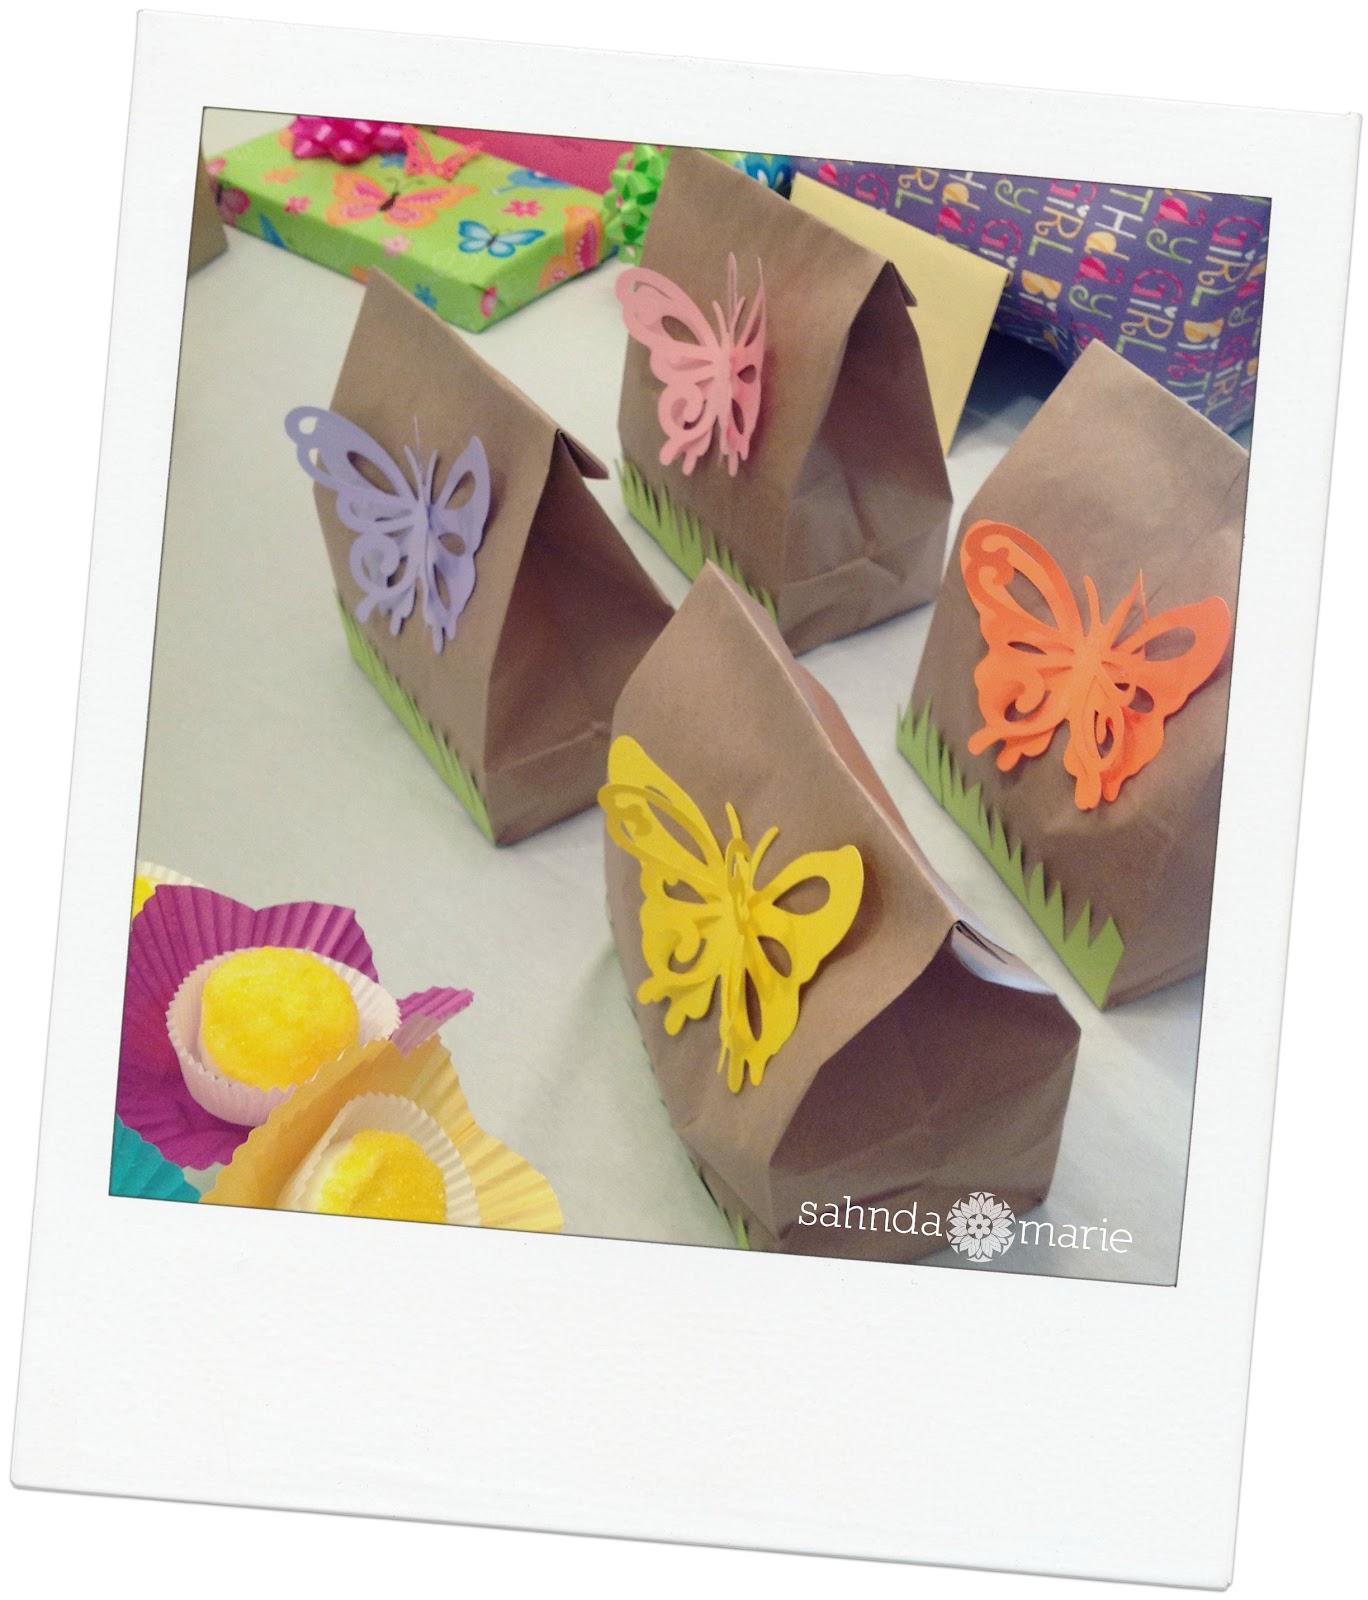 http://2.bp.blogspot.com/-HE_hBVjaHXc/T_6BlvtPPuI/AAAAAAAAAWM/w9UN1RTyHRs/s1600/gift+bags.jpg